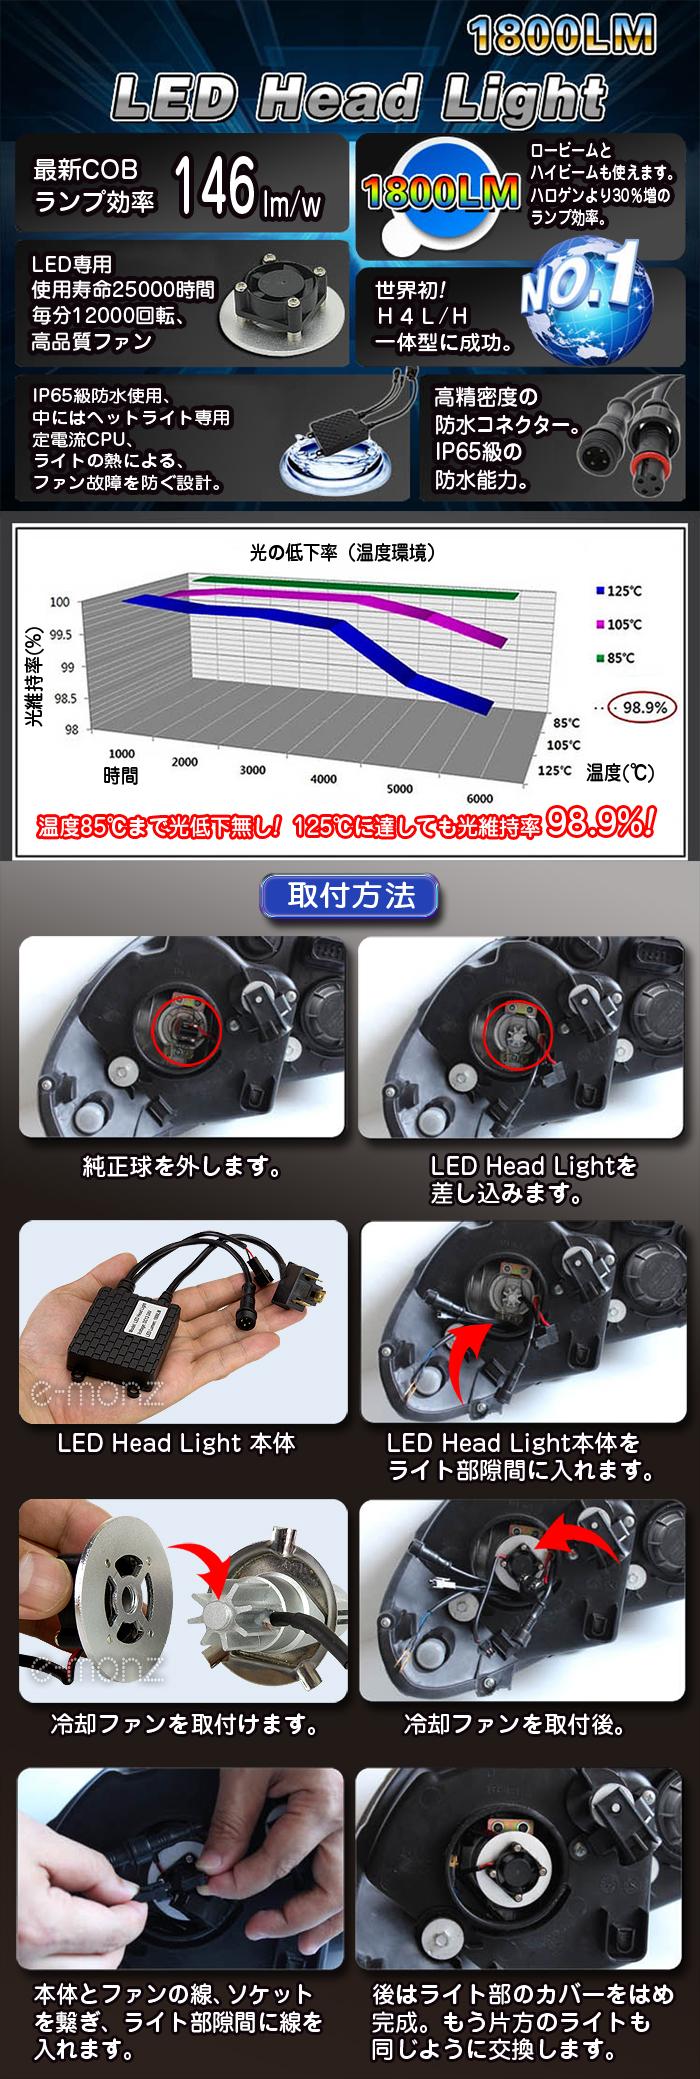 LEDヘッドライト用バルブ 9005(HB3) 取り付け方法